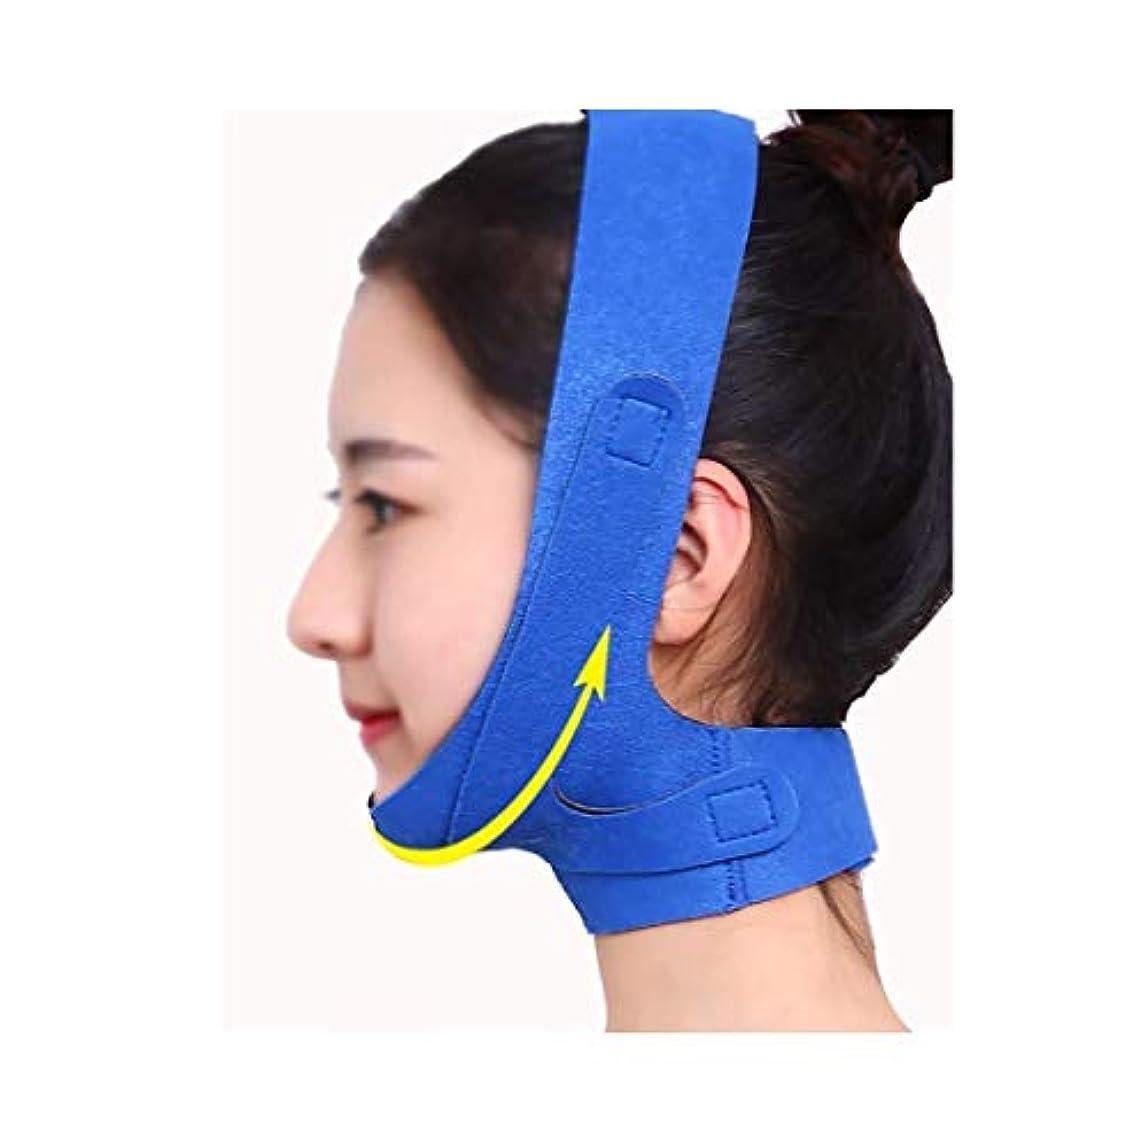 橋あざ設計図フェイスリフトマスク、あごストラップ回復包帯睡眠薄いフェイスバンデージ薄いフェイスマスクフェイスリフトアーティファクトフェイスリフト美容マスク包帯青いフェイスマスクで小さなV顔を強化するには